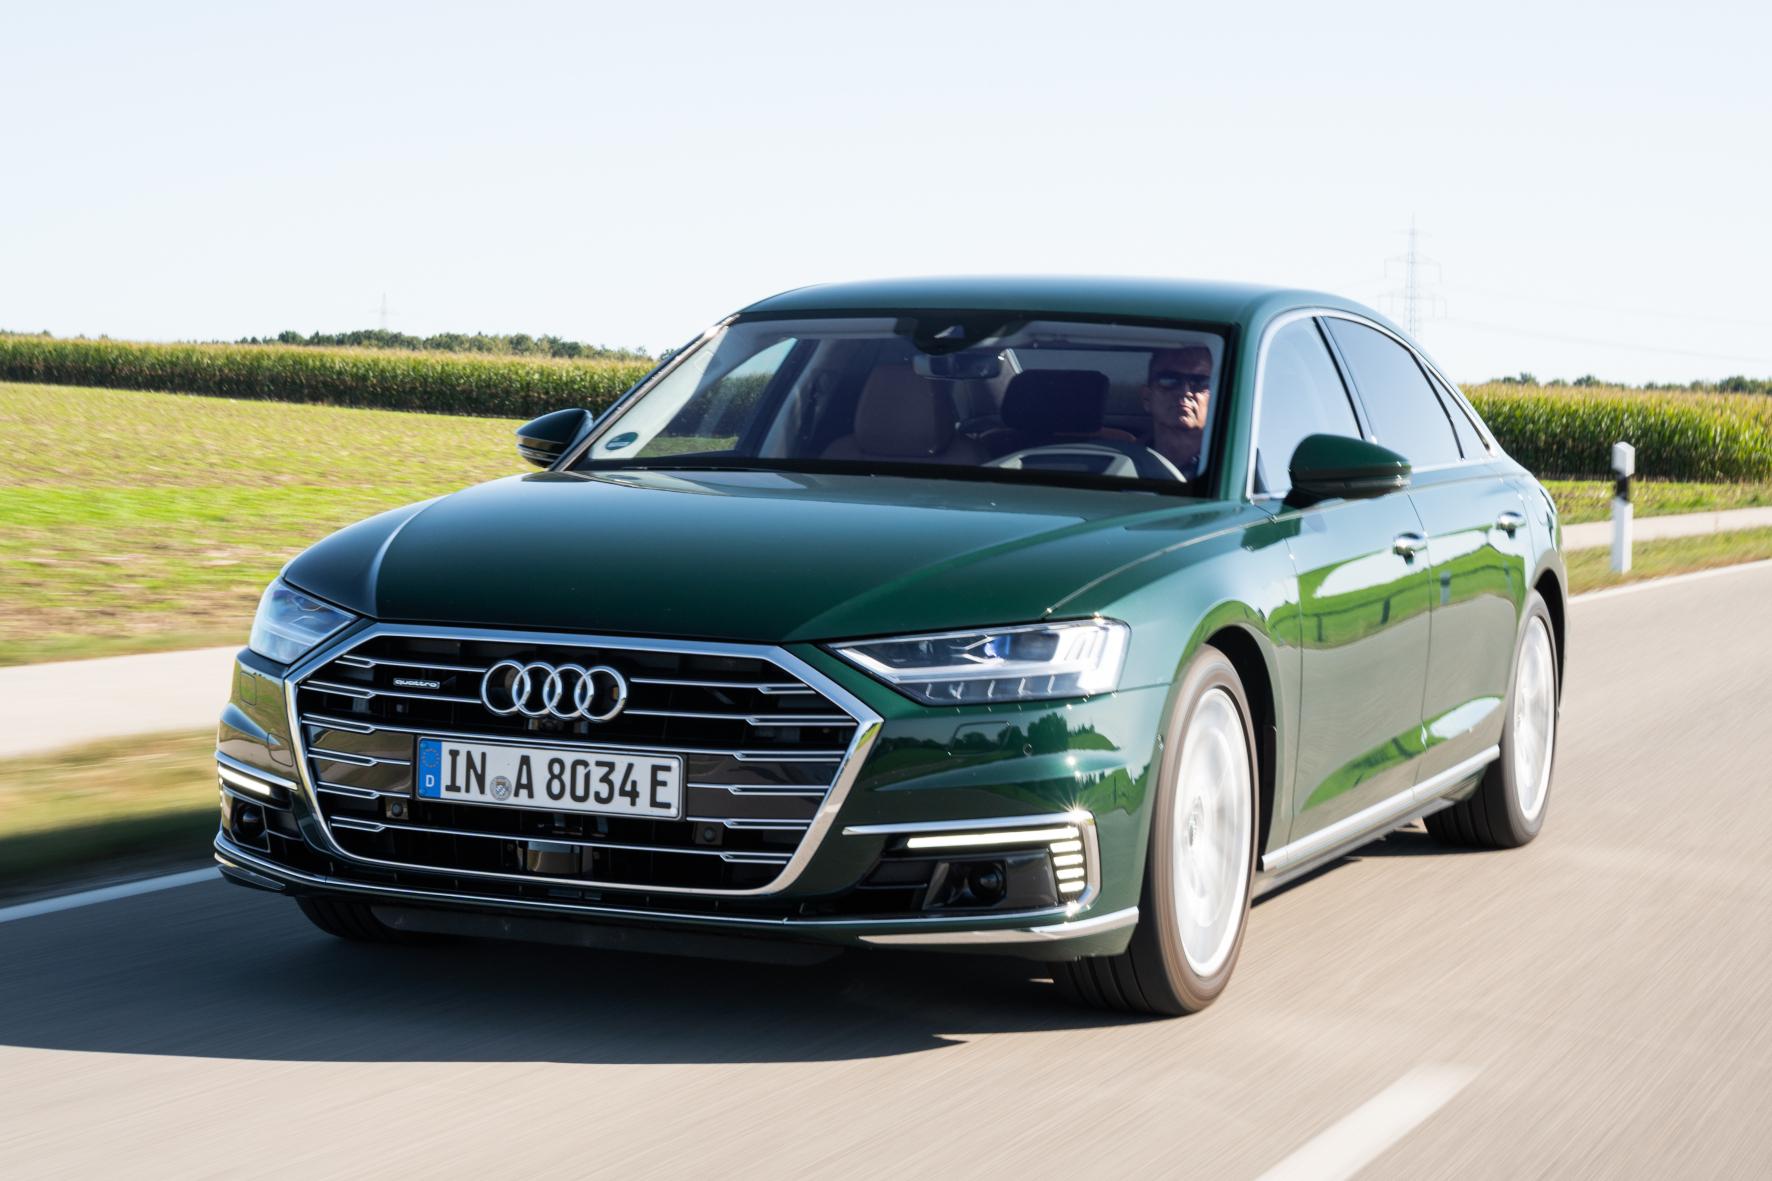 mid Groß-Gerau - Die CO2-Emissionen des neuen A8 L-Plug-in liegen zwischen 57 und 61 g/km. Audi